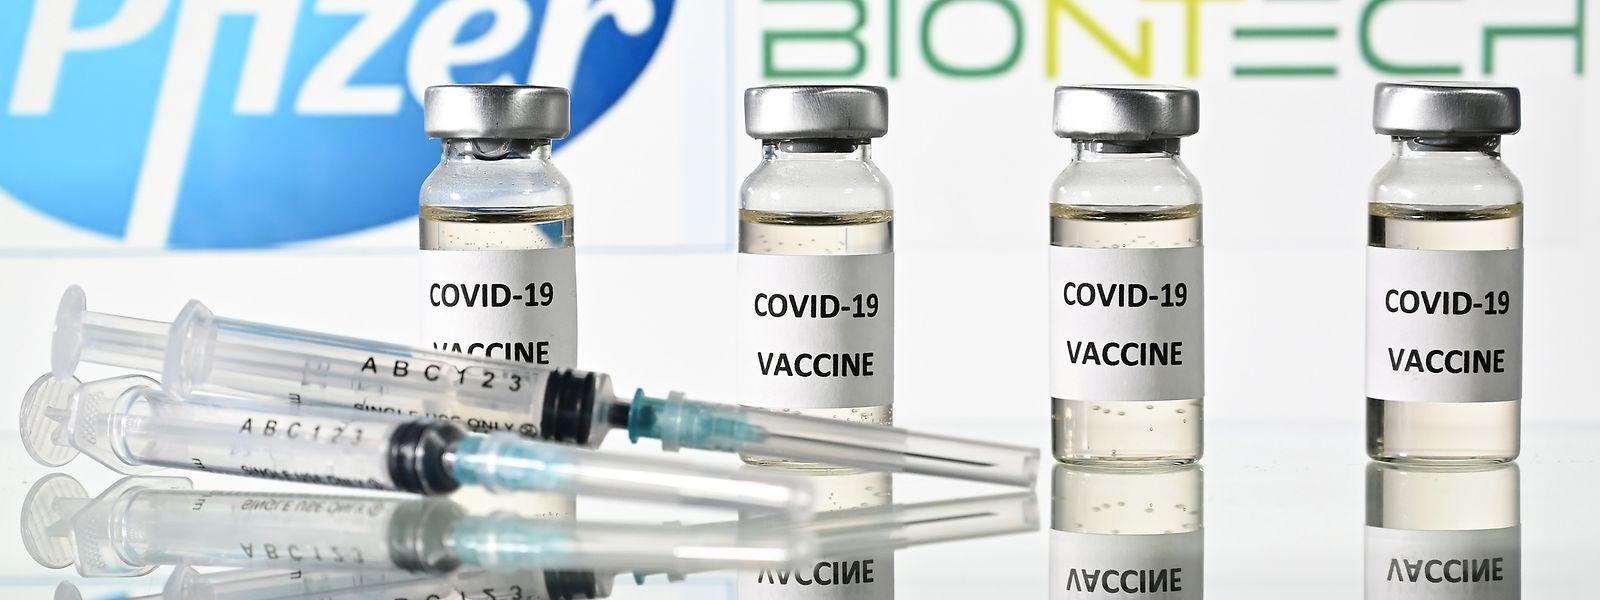 Das Serum von Pfizer und Biontech könnte schon bald zugelassen werden.